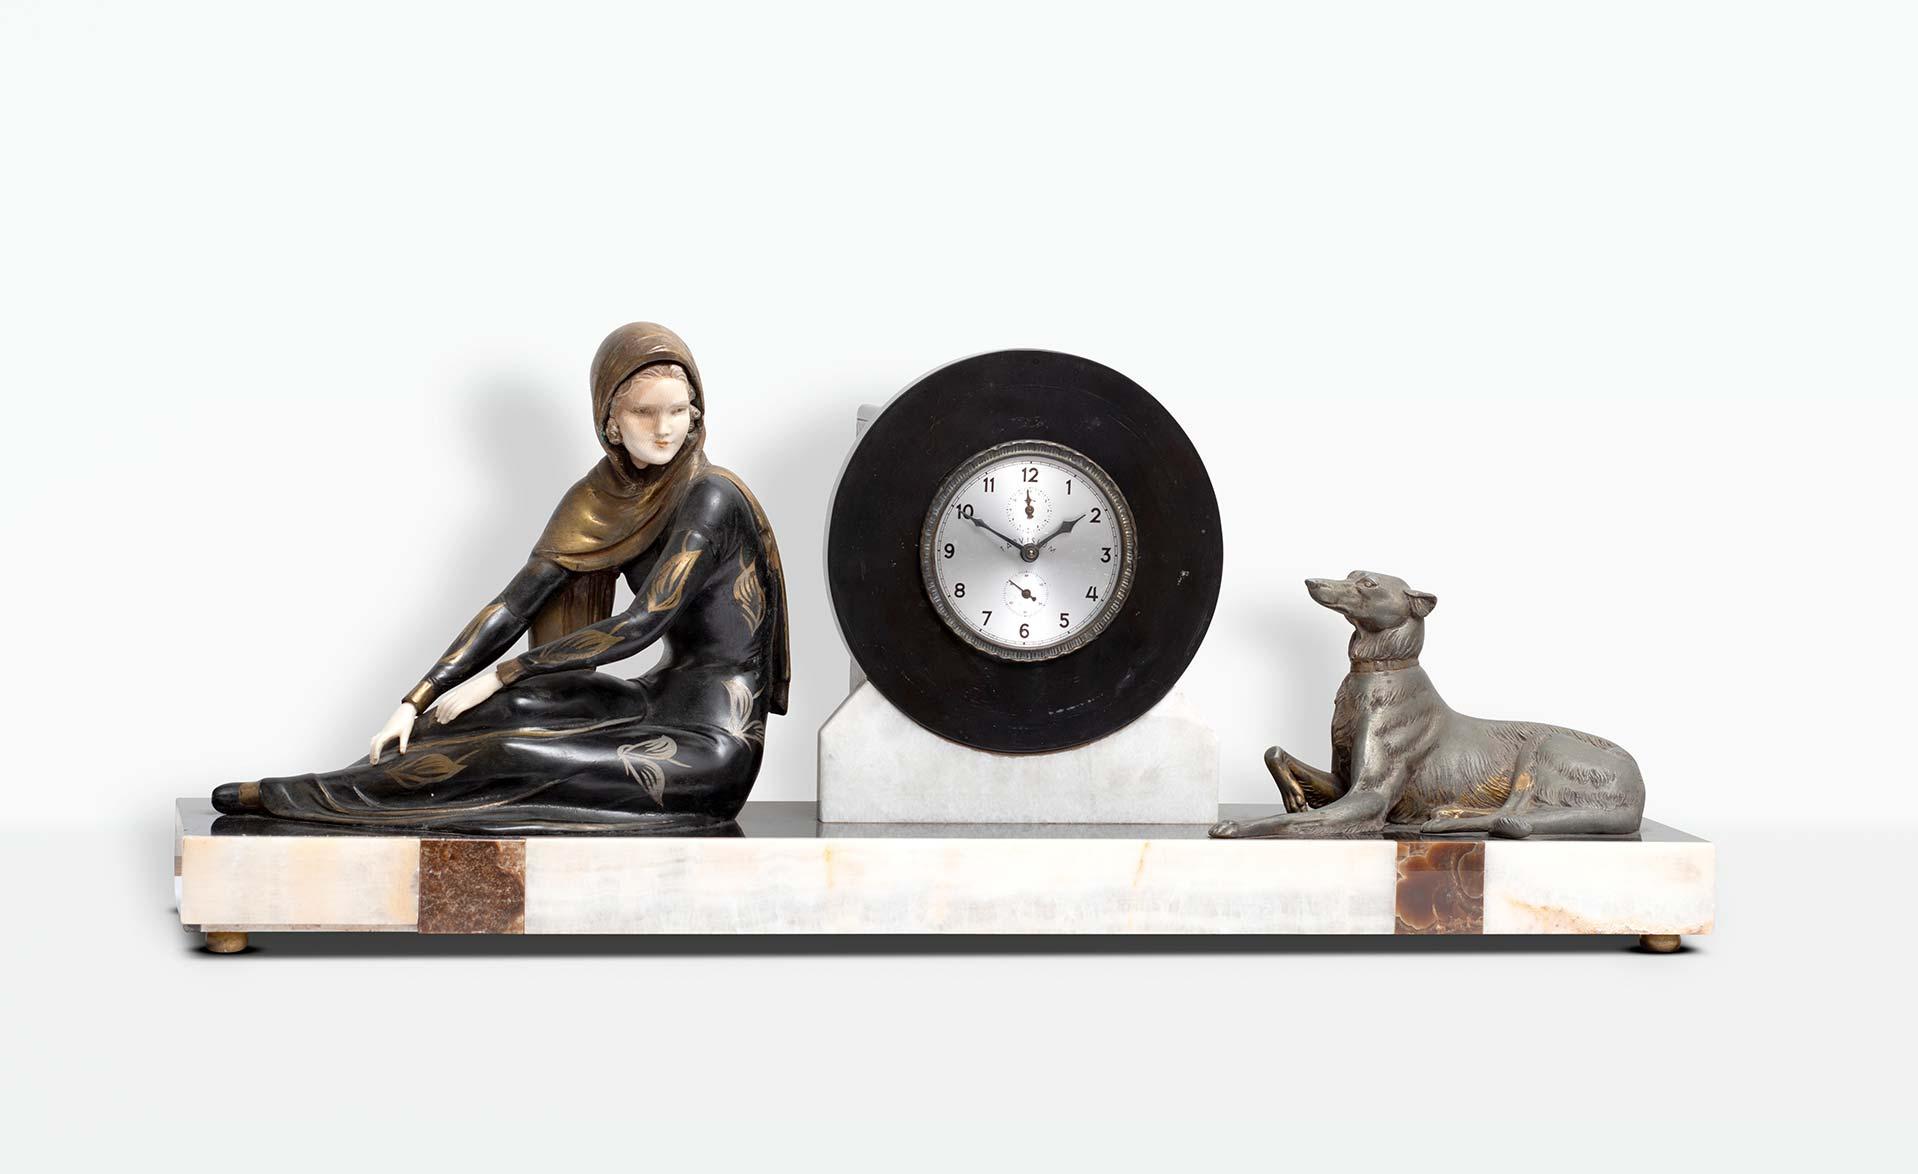 orologio-in-marmo-e-bronzo-deco-anni-30-cane-donna-vendita-arredamento-di-design-asolo-treviso-vicenza-italia-a